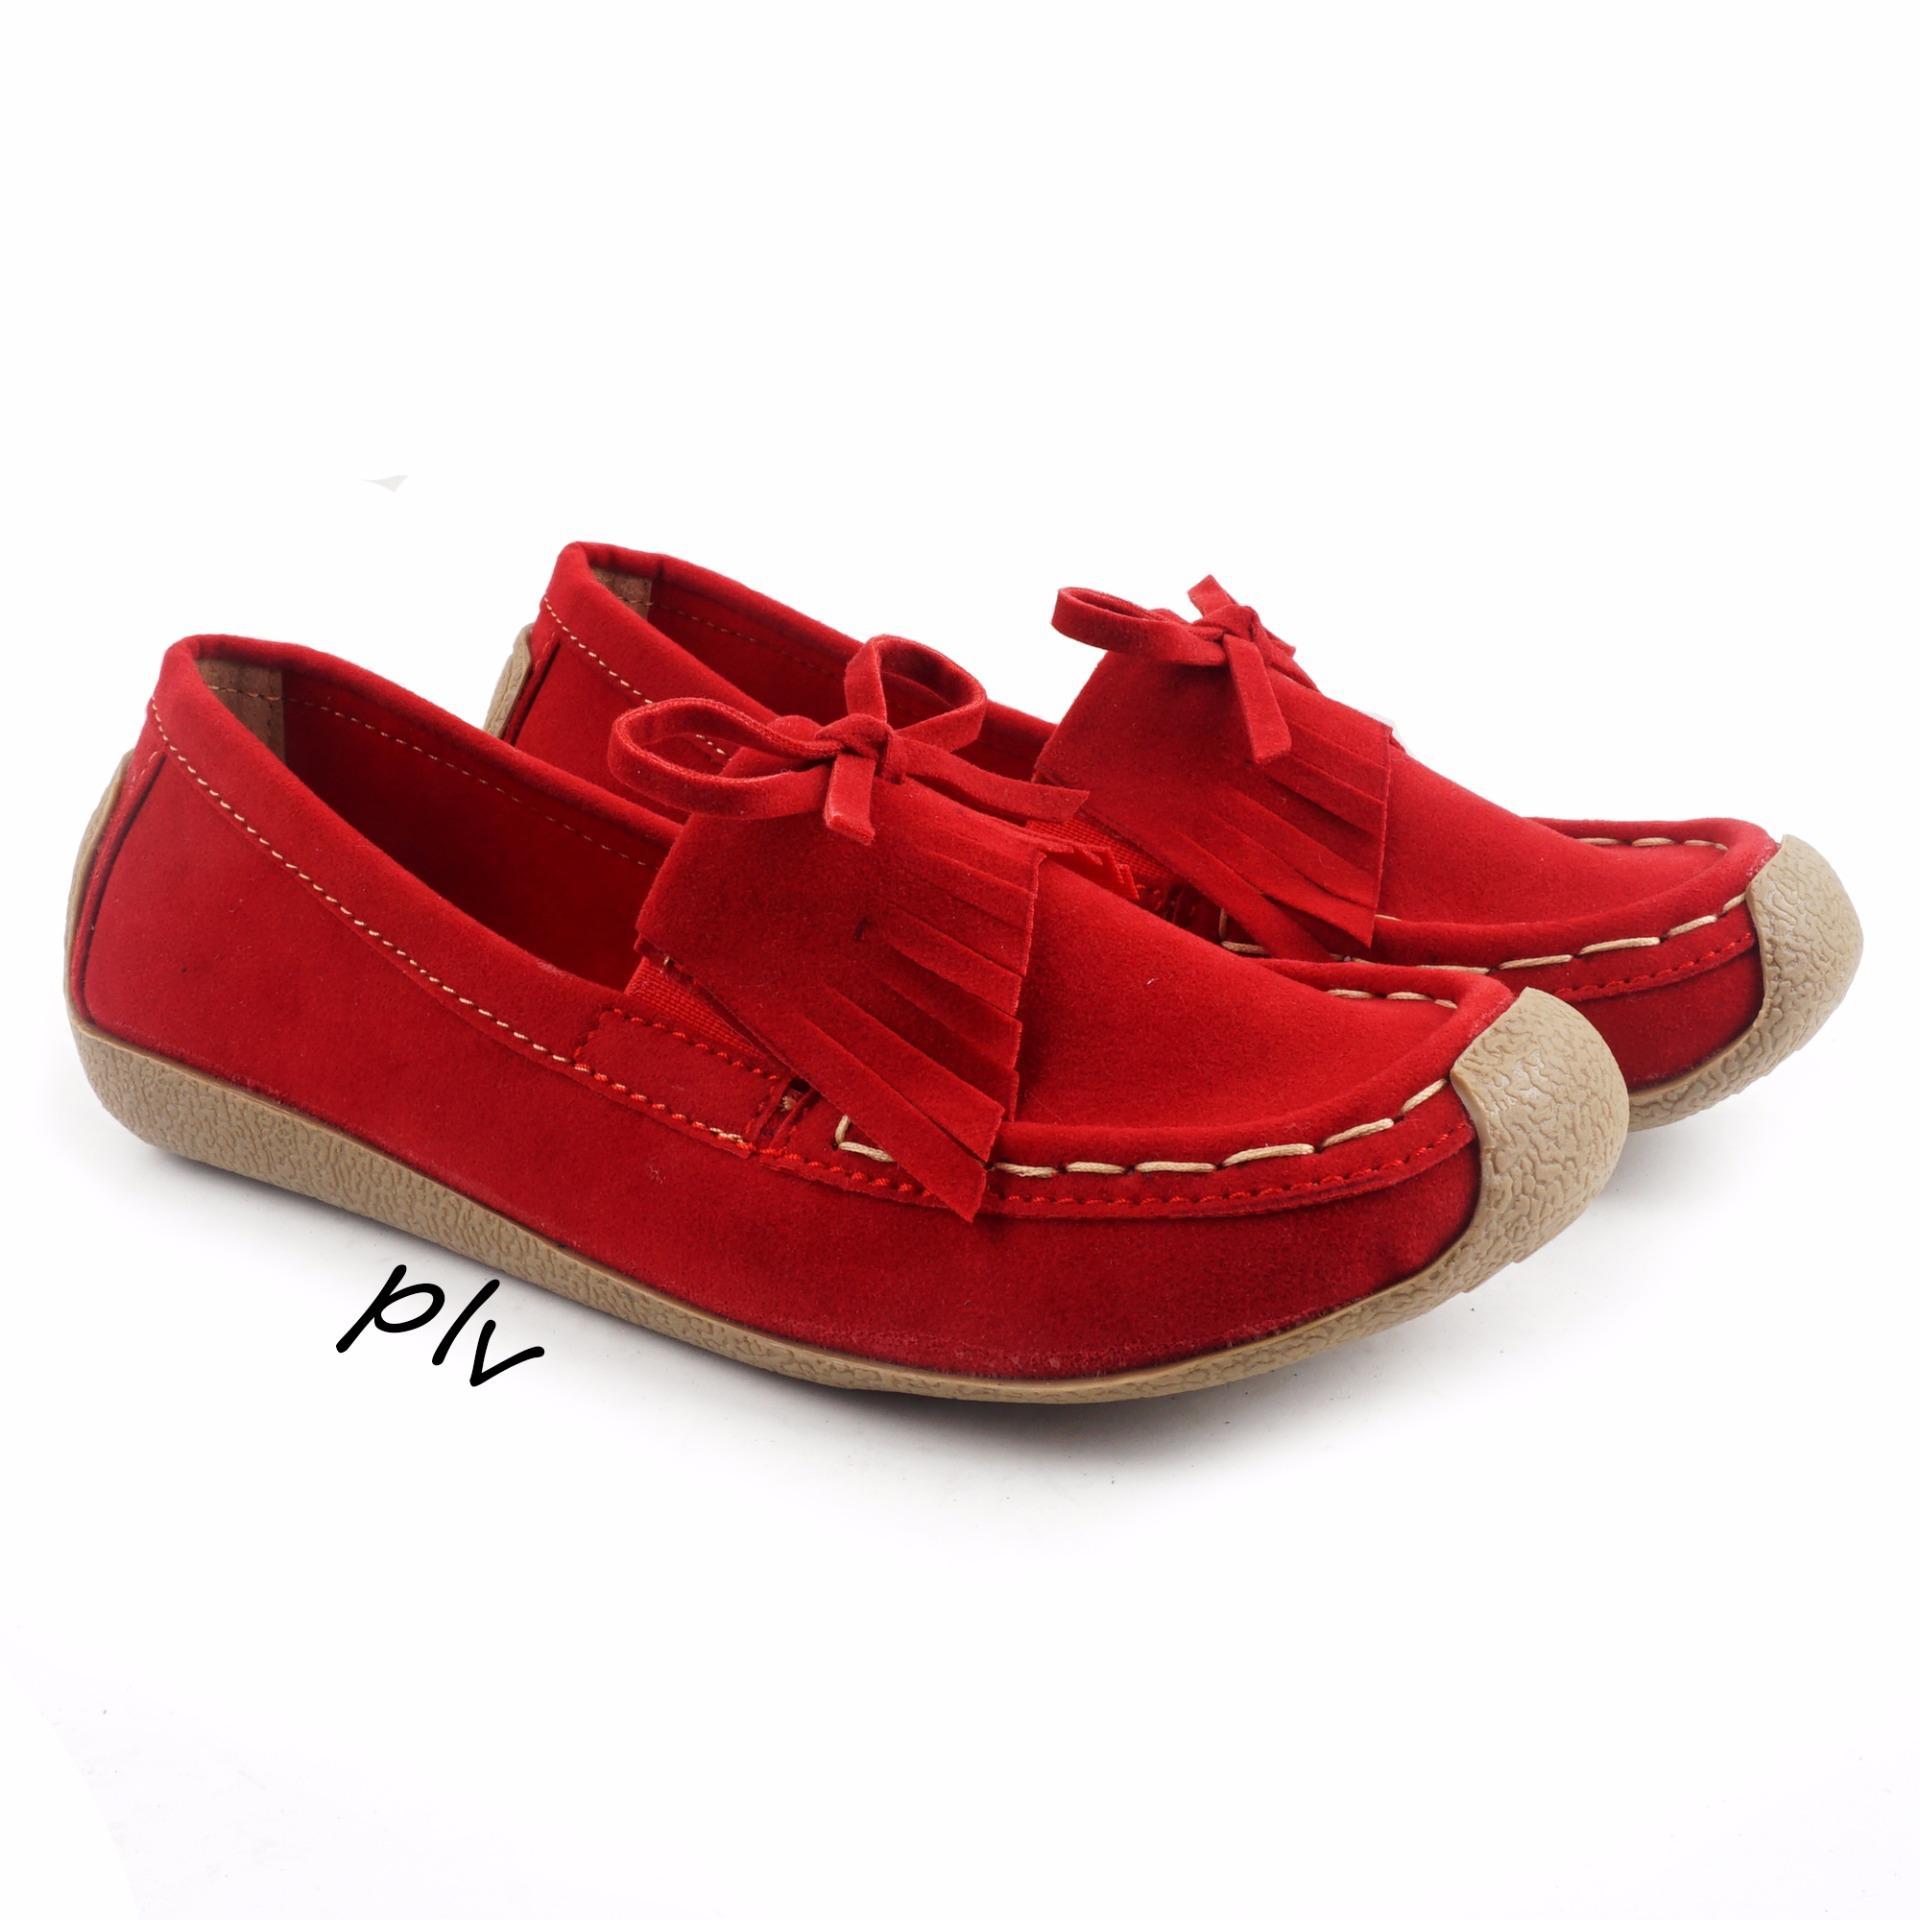 Spesifikasi Pluvia Sepatu Flat Shoes Loafers Wanita Us103 Merah Bagus